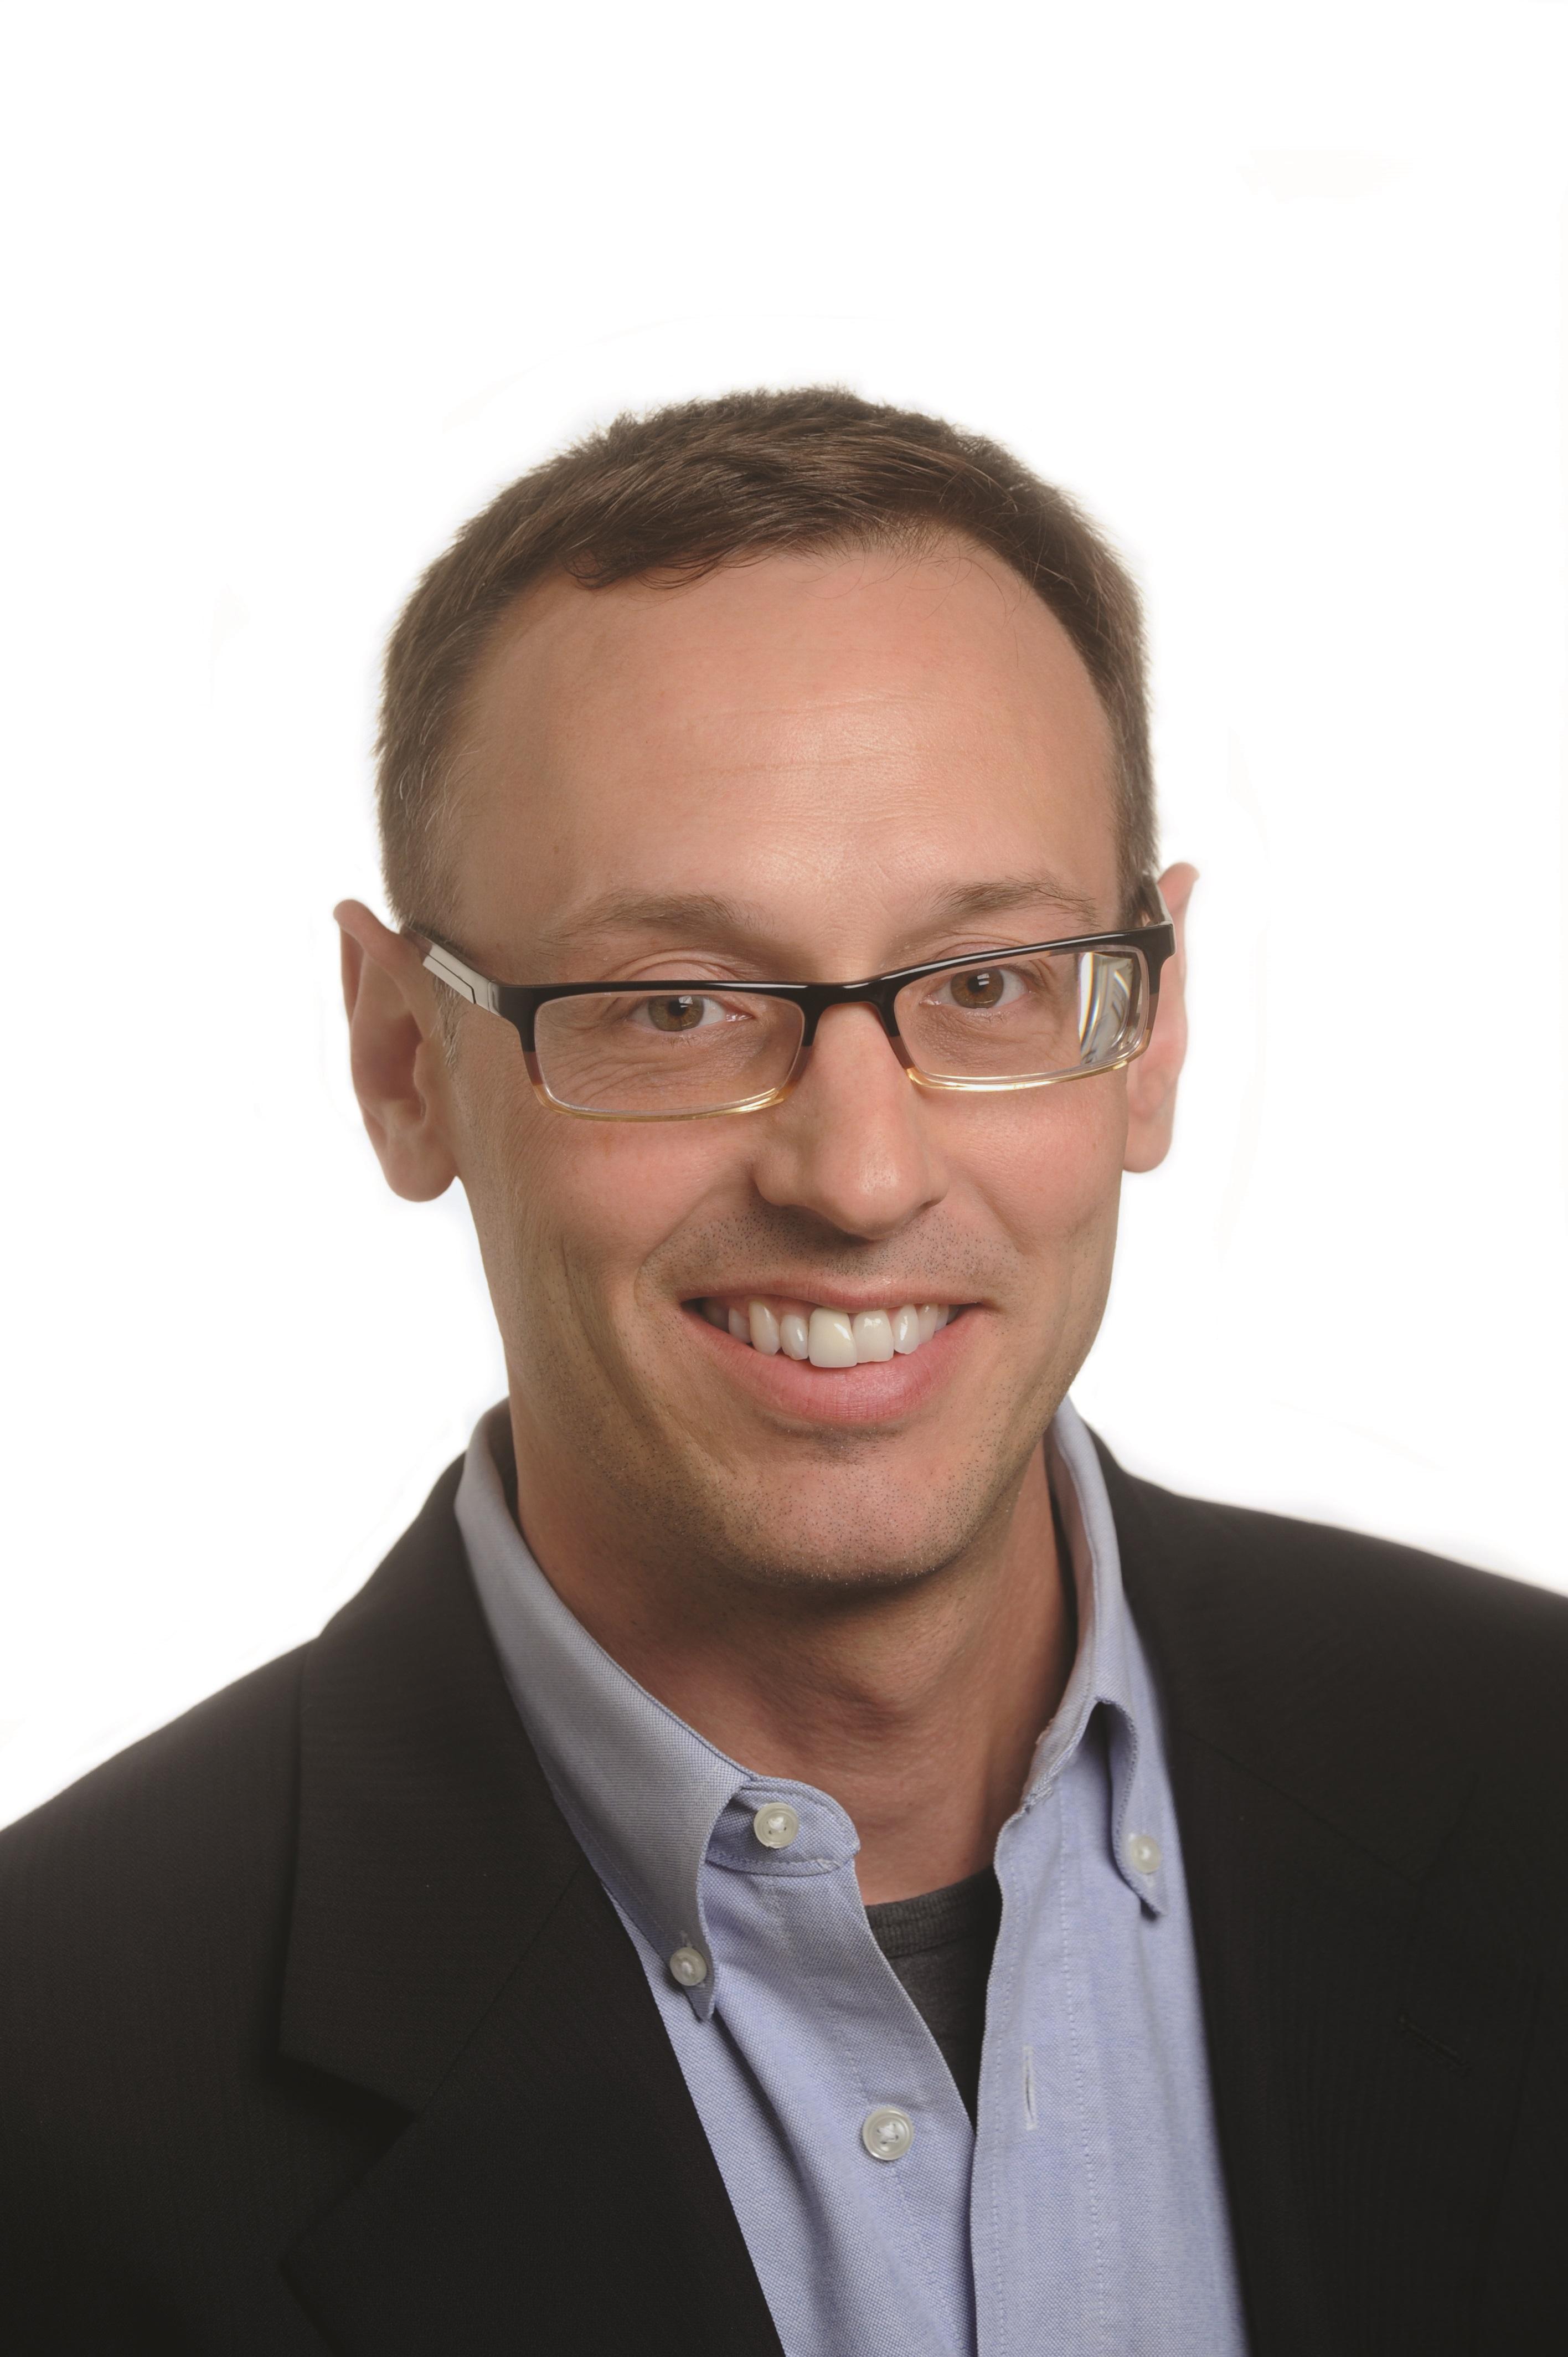 FPIRC Keynote Speaker, Ed Frauenheim